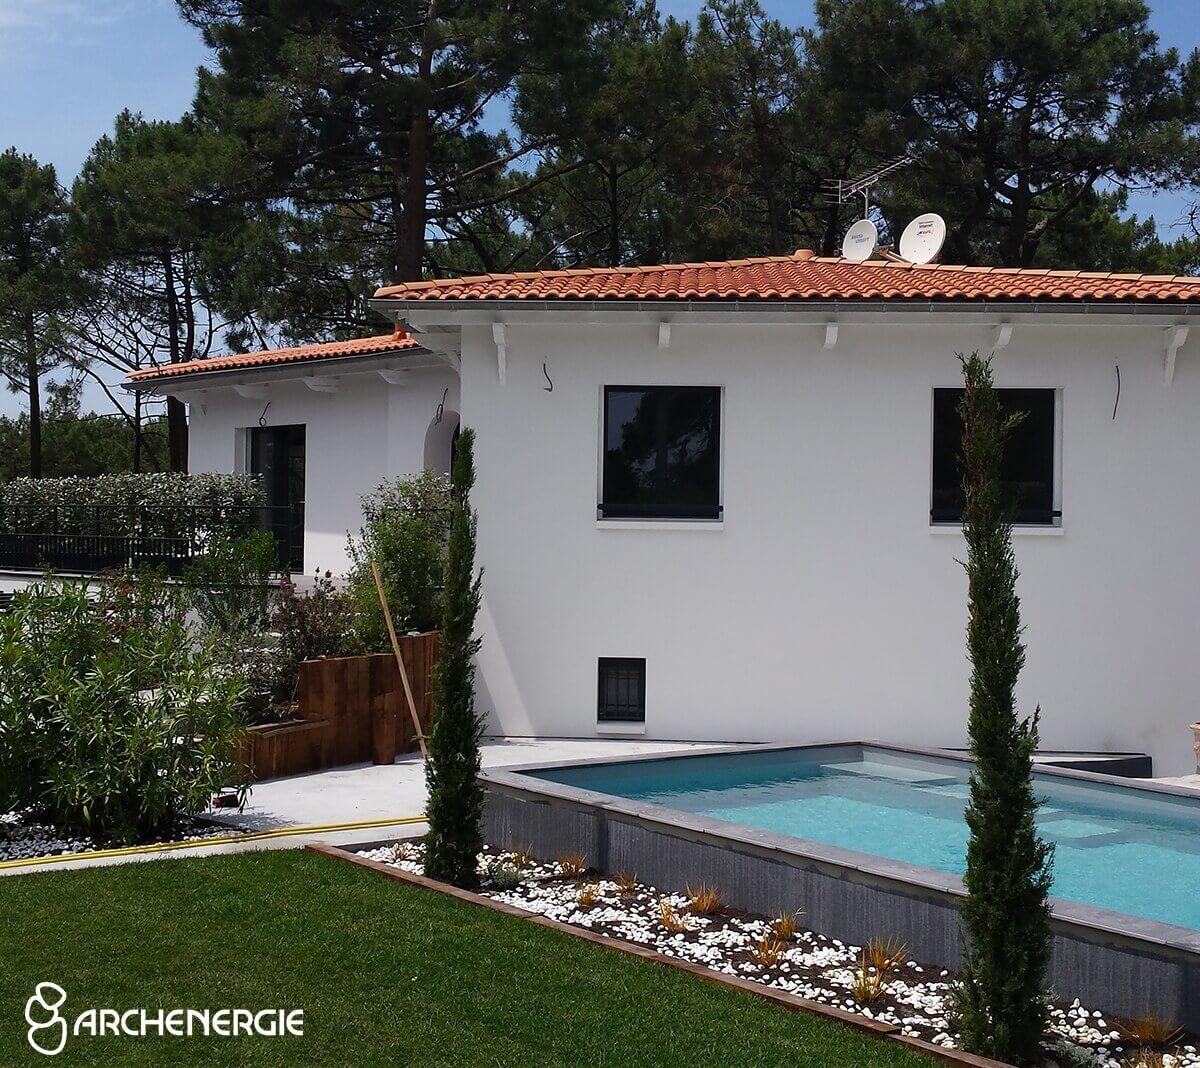 Rénovation thermique globale au Cap Ferret - Après travaux